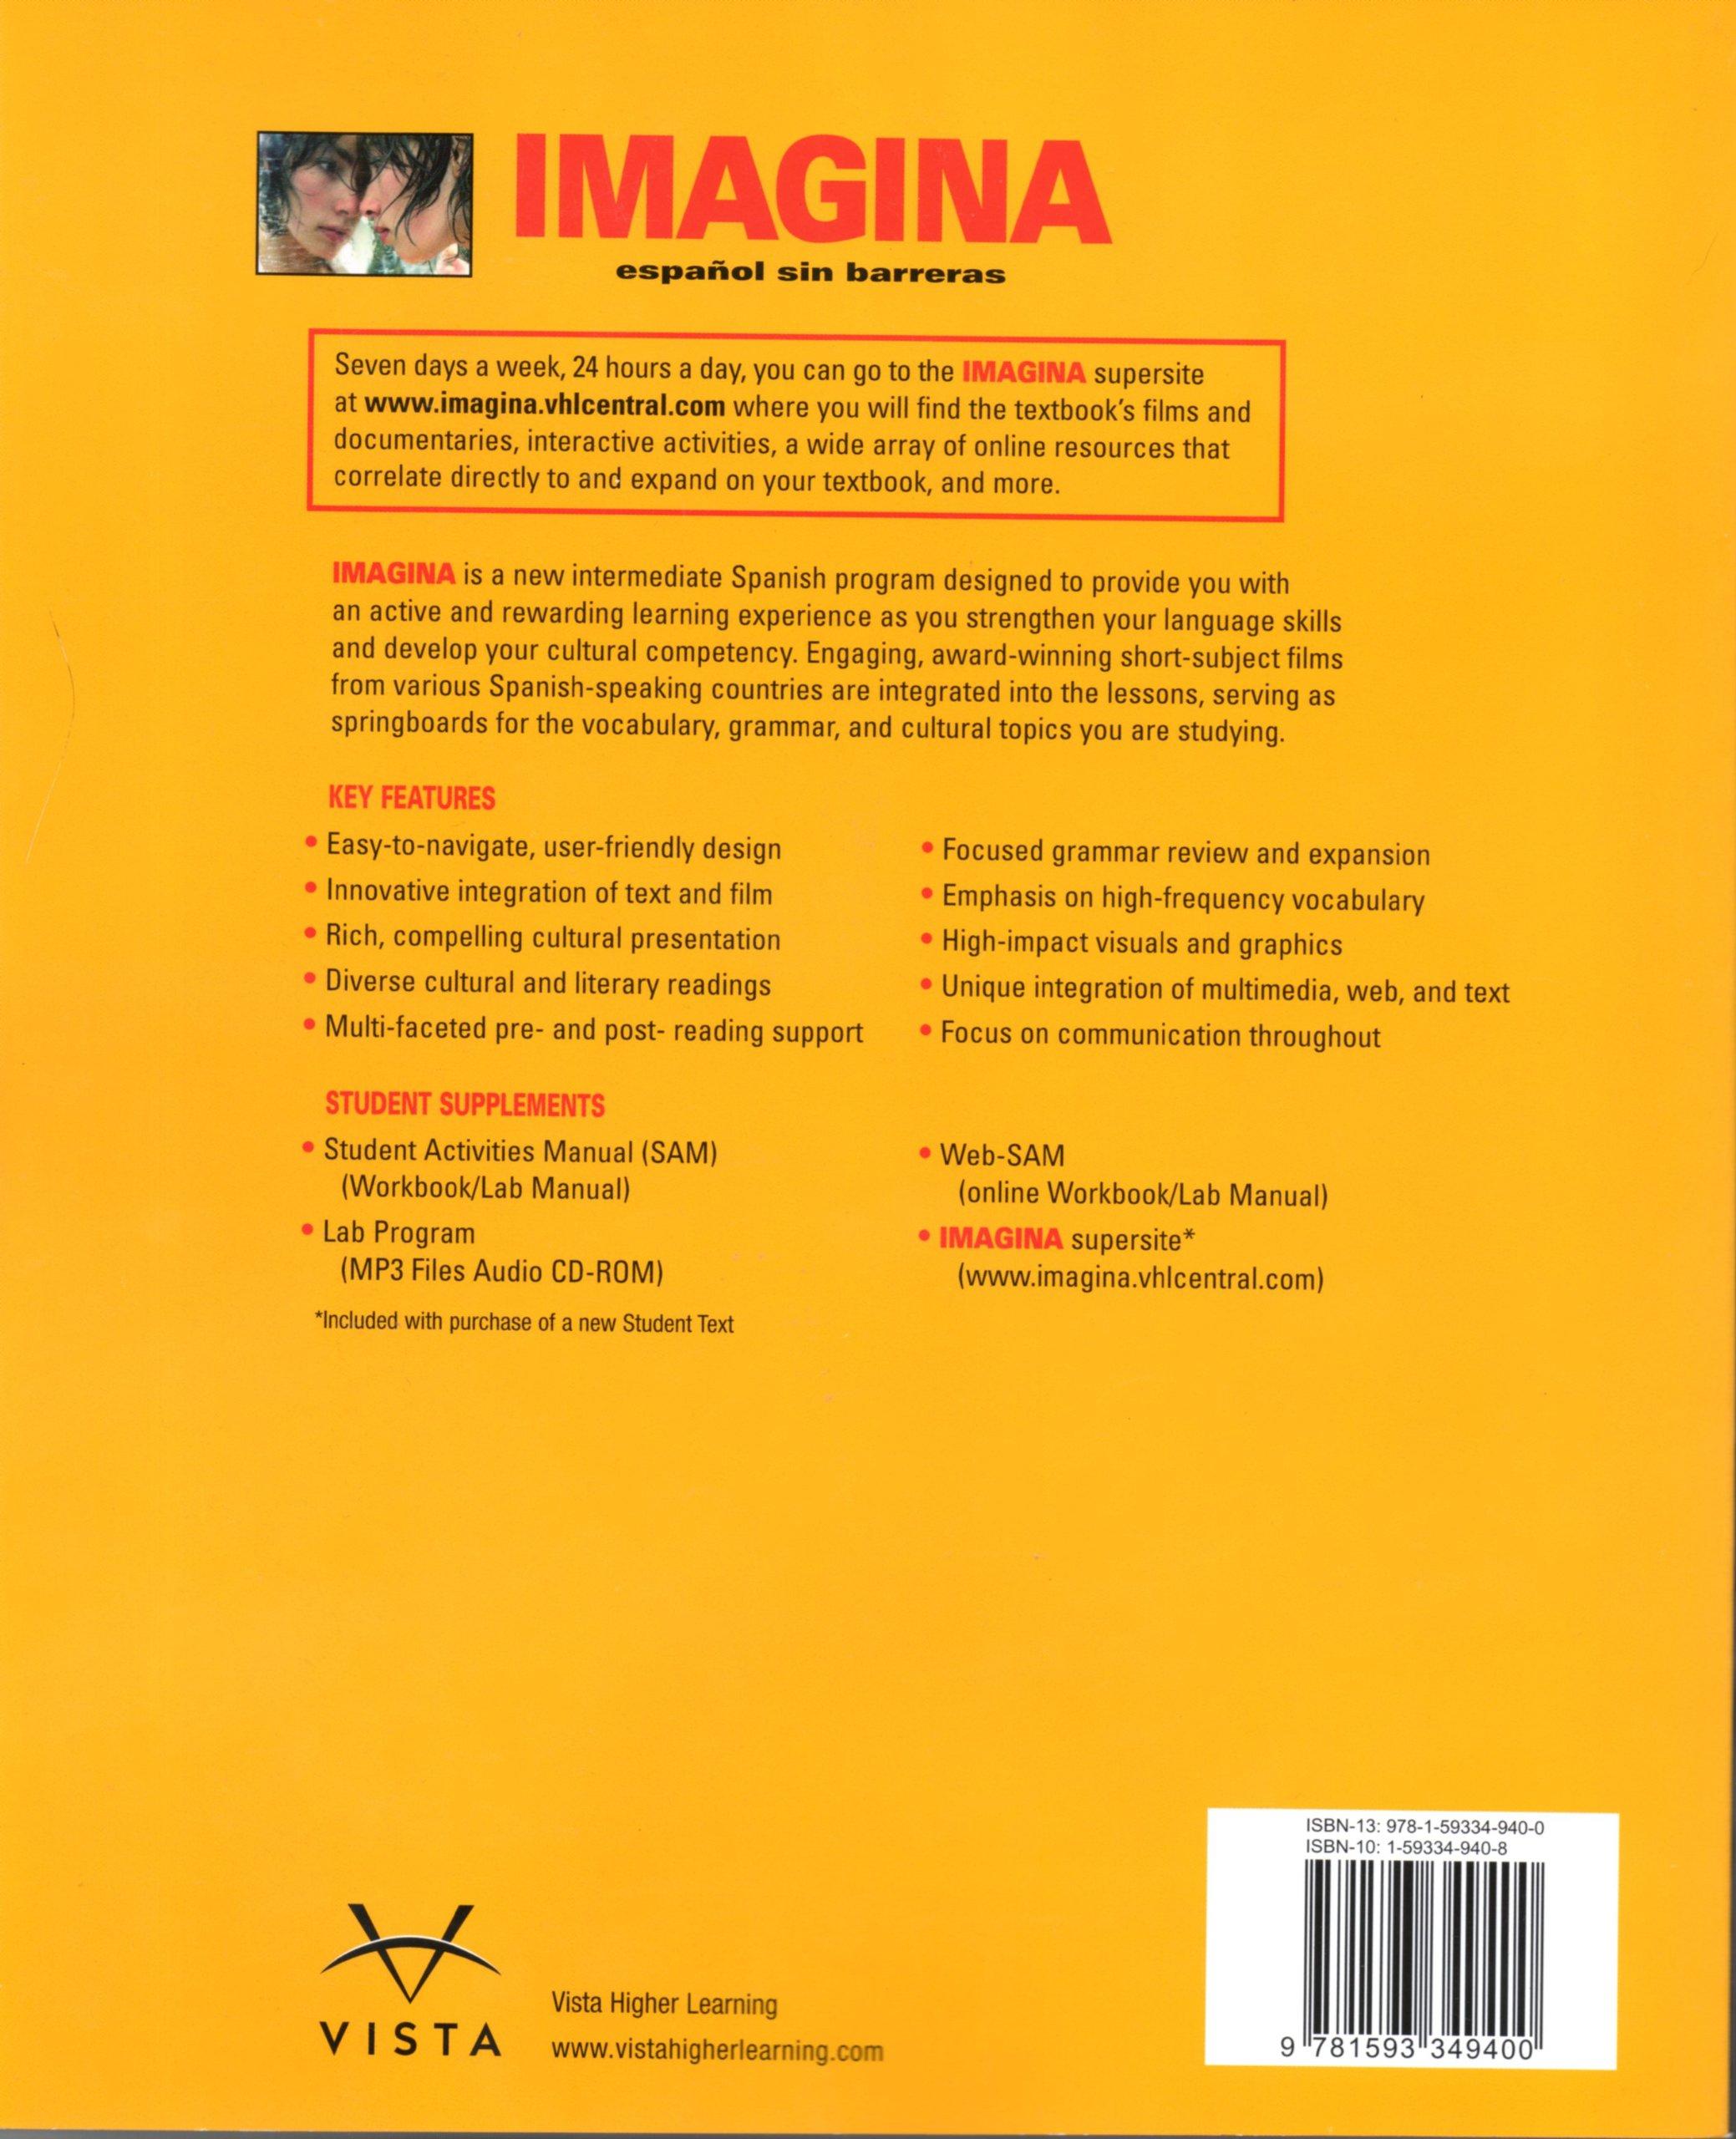 com imagina espanol sin barreras curso intermedio de  com imagina espanol sin barreras curso intermedio de lengua espanola 9781593349400 jose a blanco books